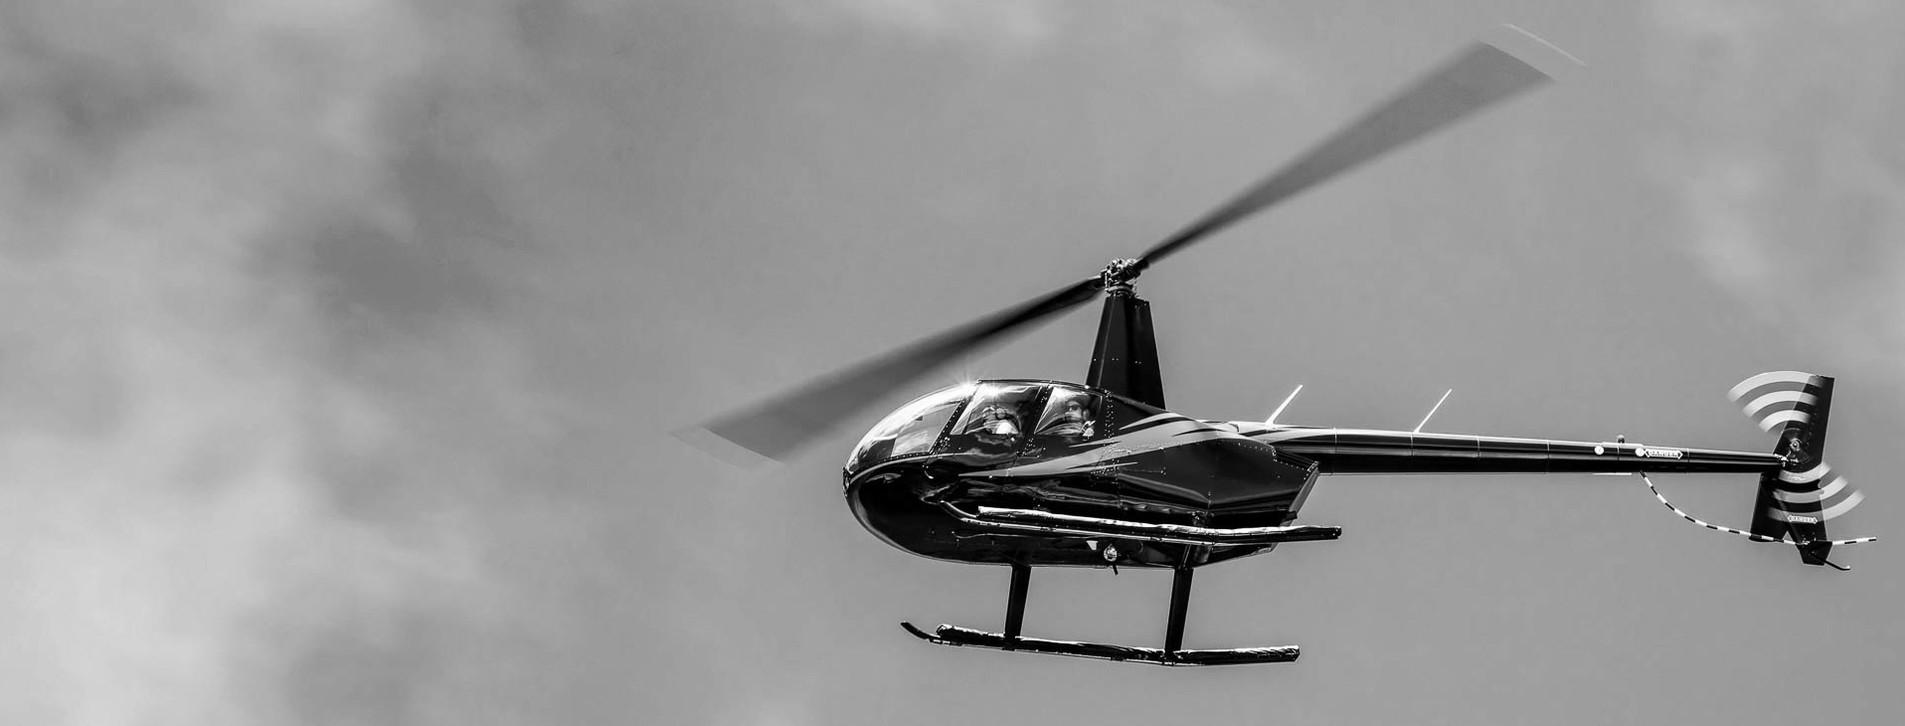 Фото 1 - Навчальний VIP політ на гелікоптері